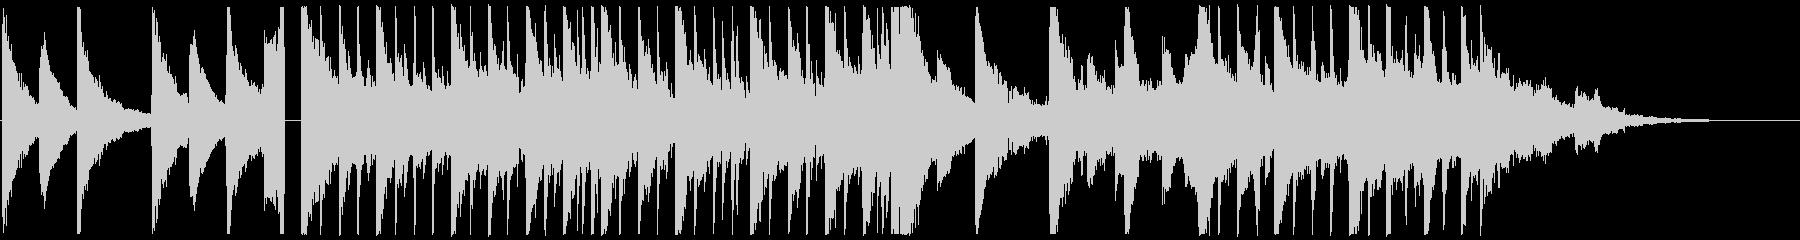 ピアノメインの優しいスローエレクトロニカの未再生の波形